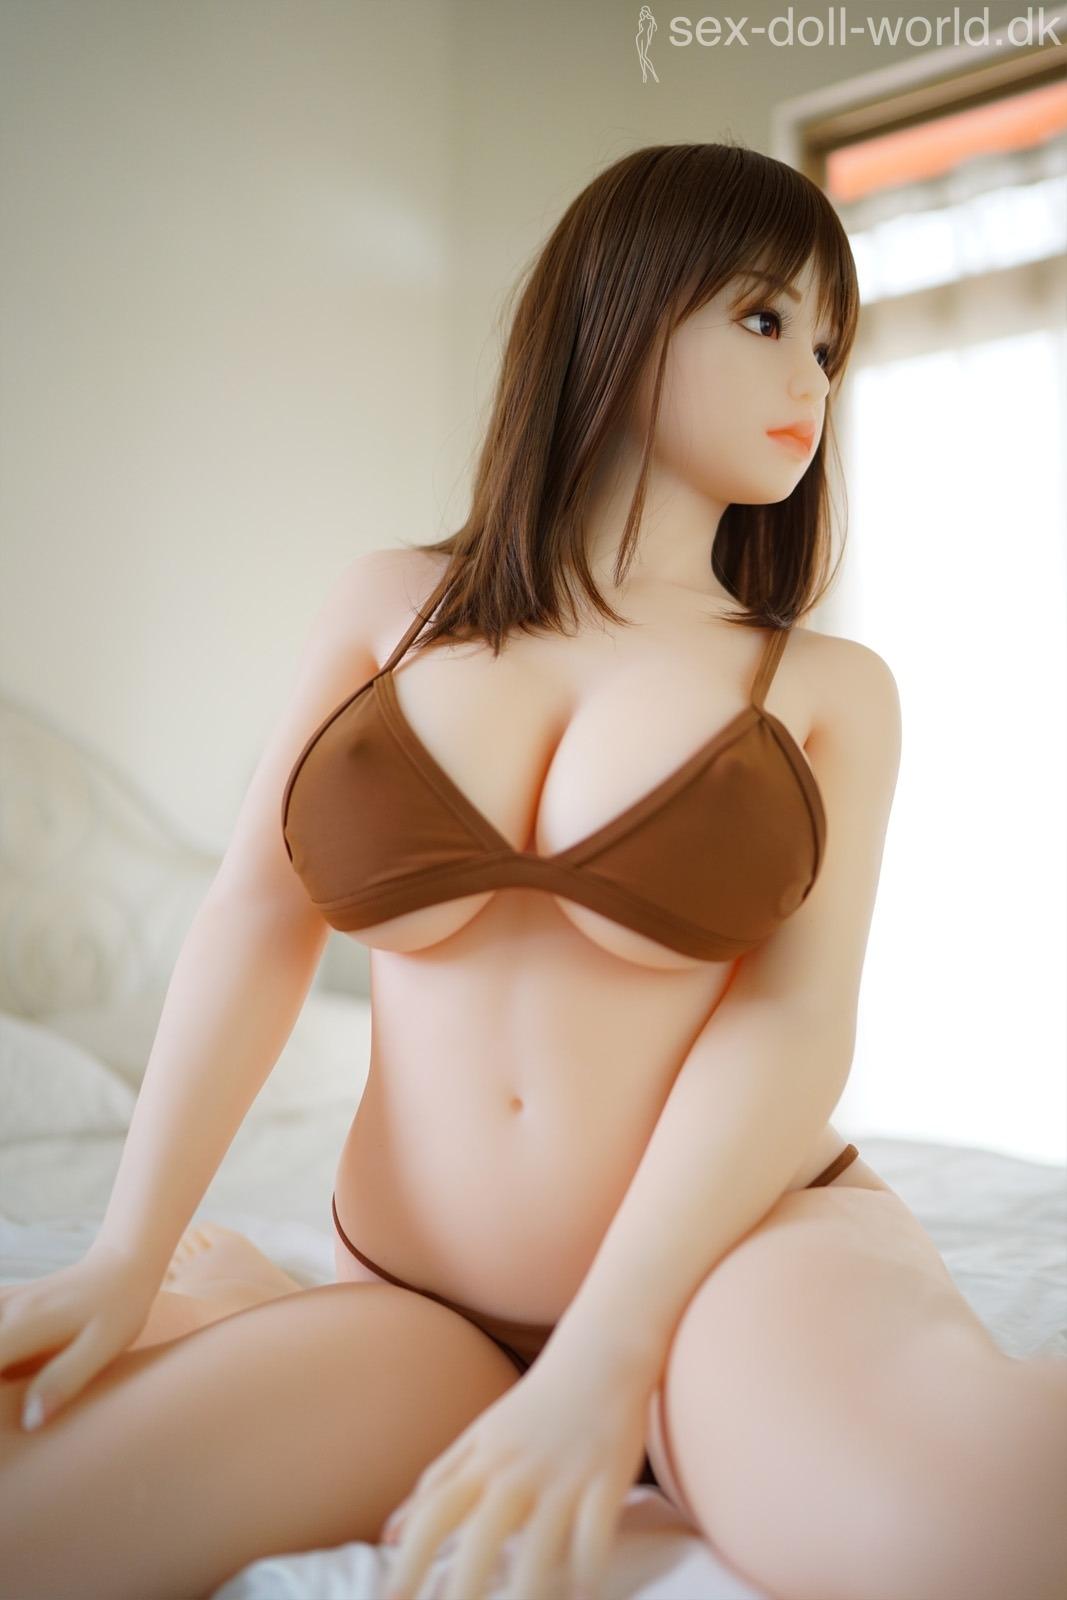 piper_160cm_j_cup_risako_a.33